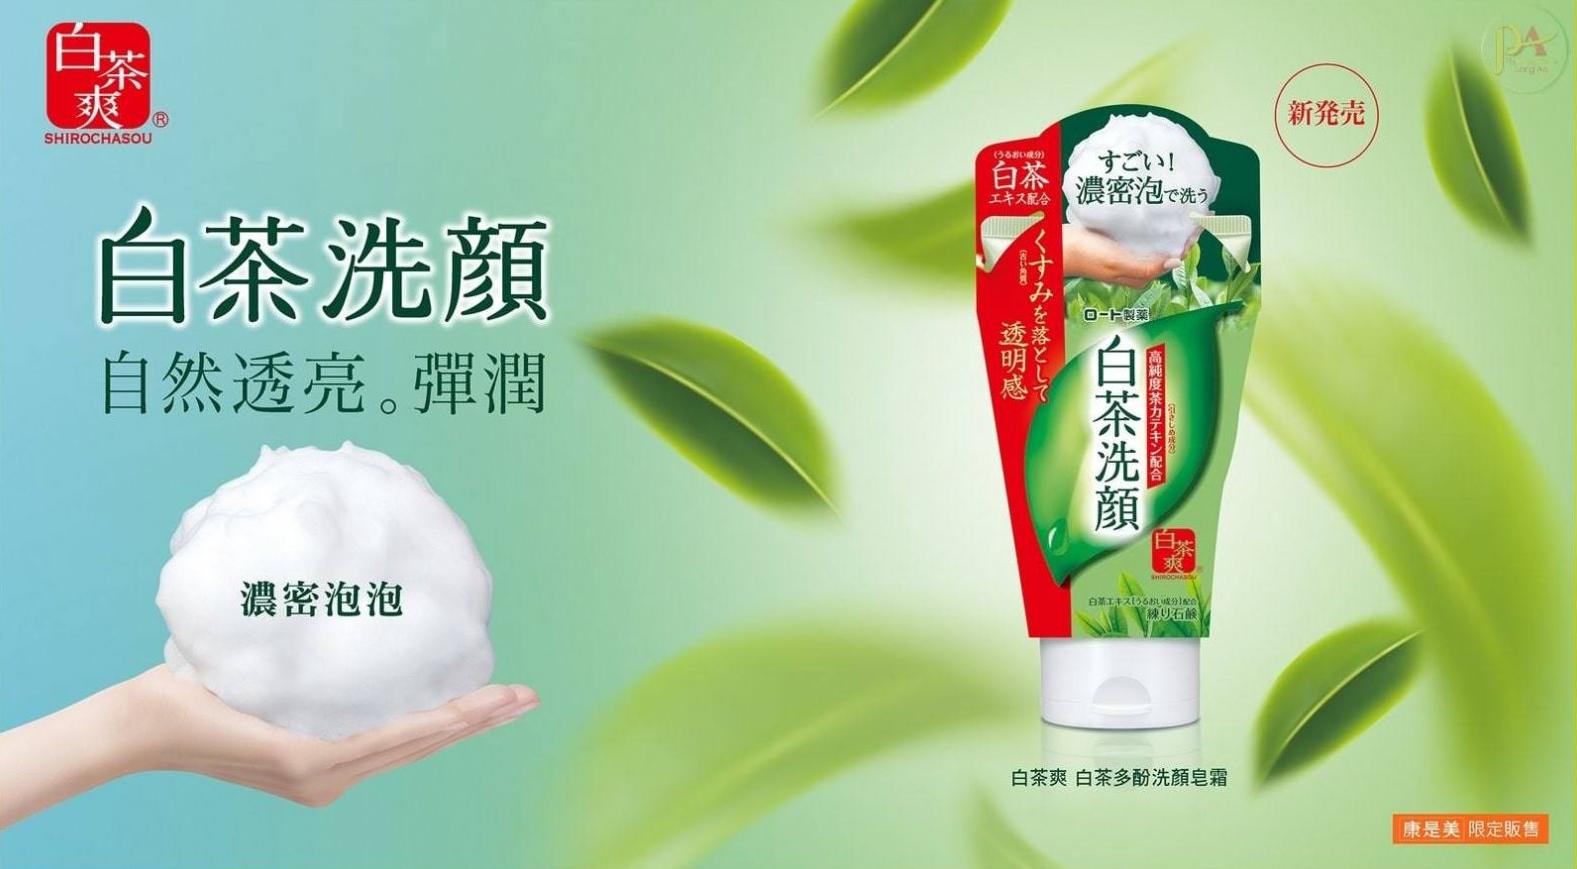 Sữa Rửa Mặt Matcha Trà Xanh Shirochasou nhật bản hàng xách tay